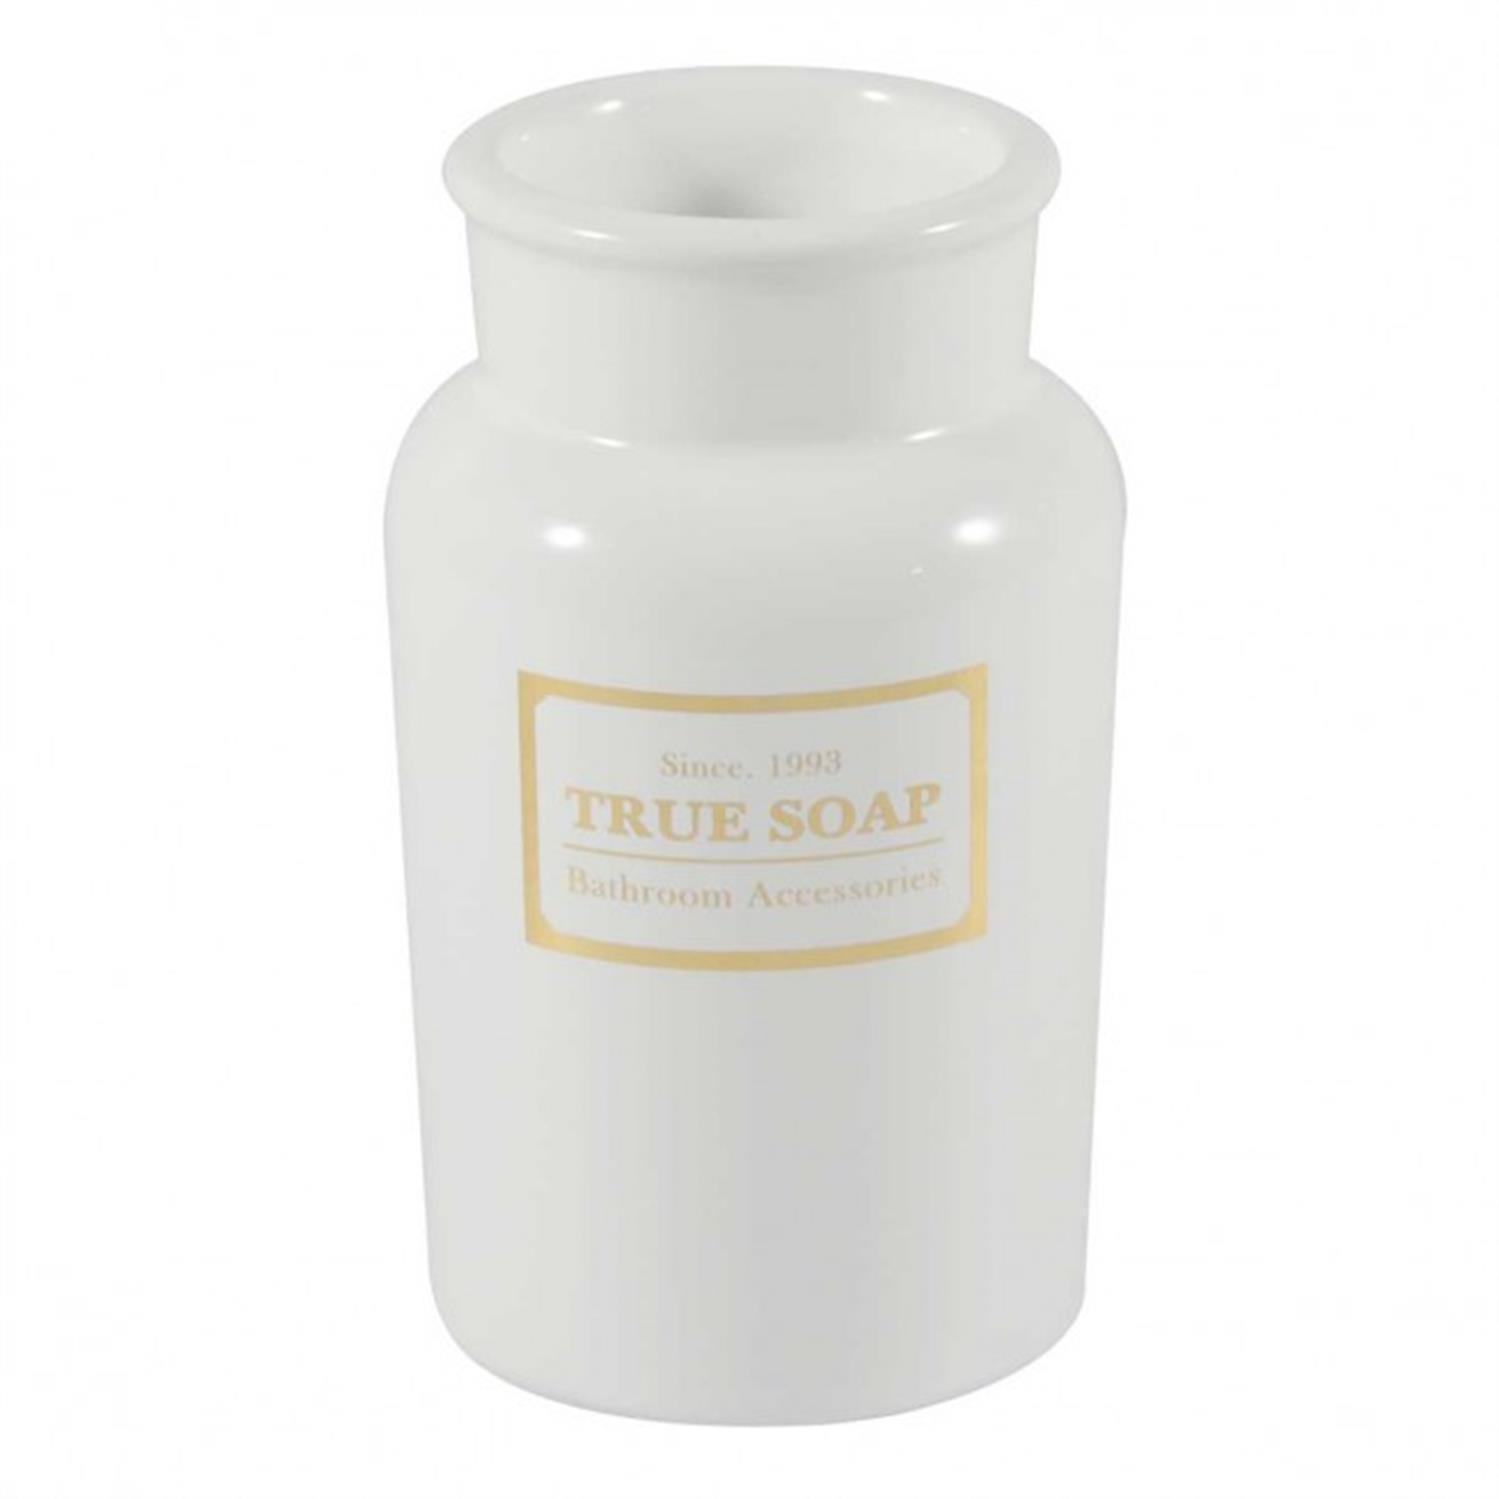 Θήκη για οδοντόβουρτσες true soap κεραμική λευκή 7.7×7.7x13cm Marva 478149